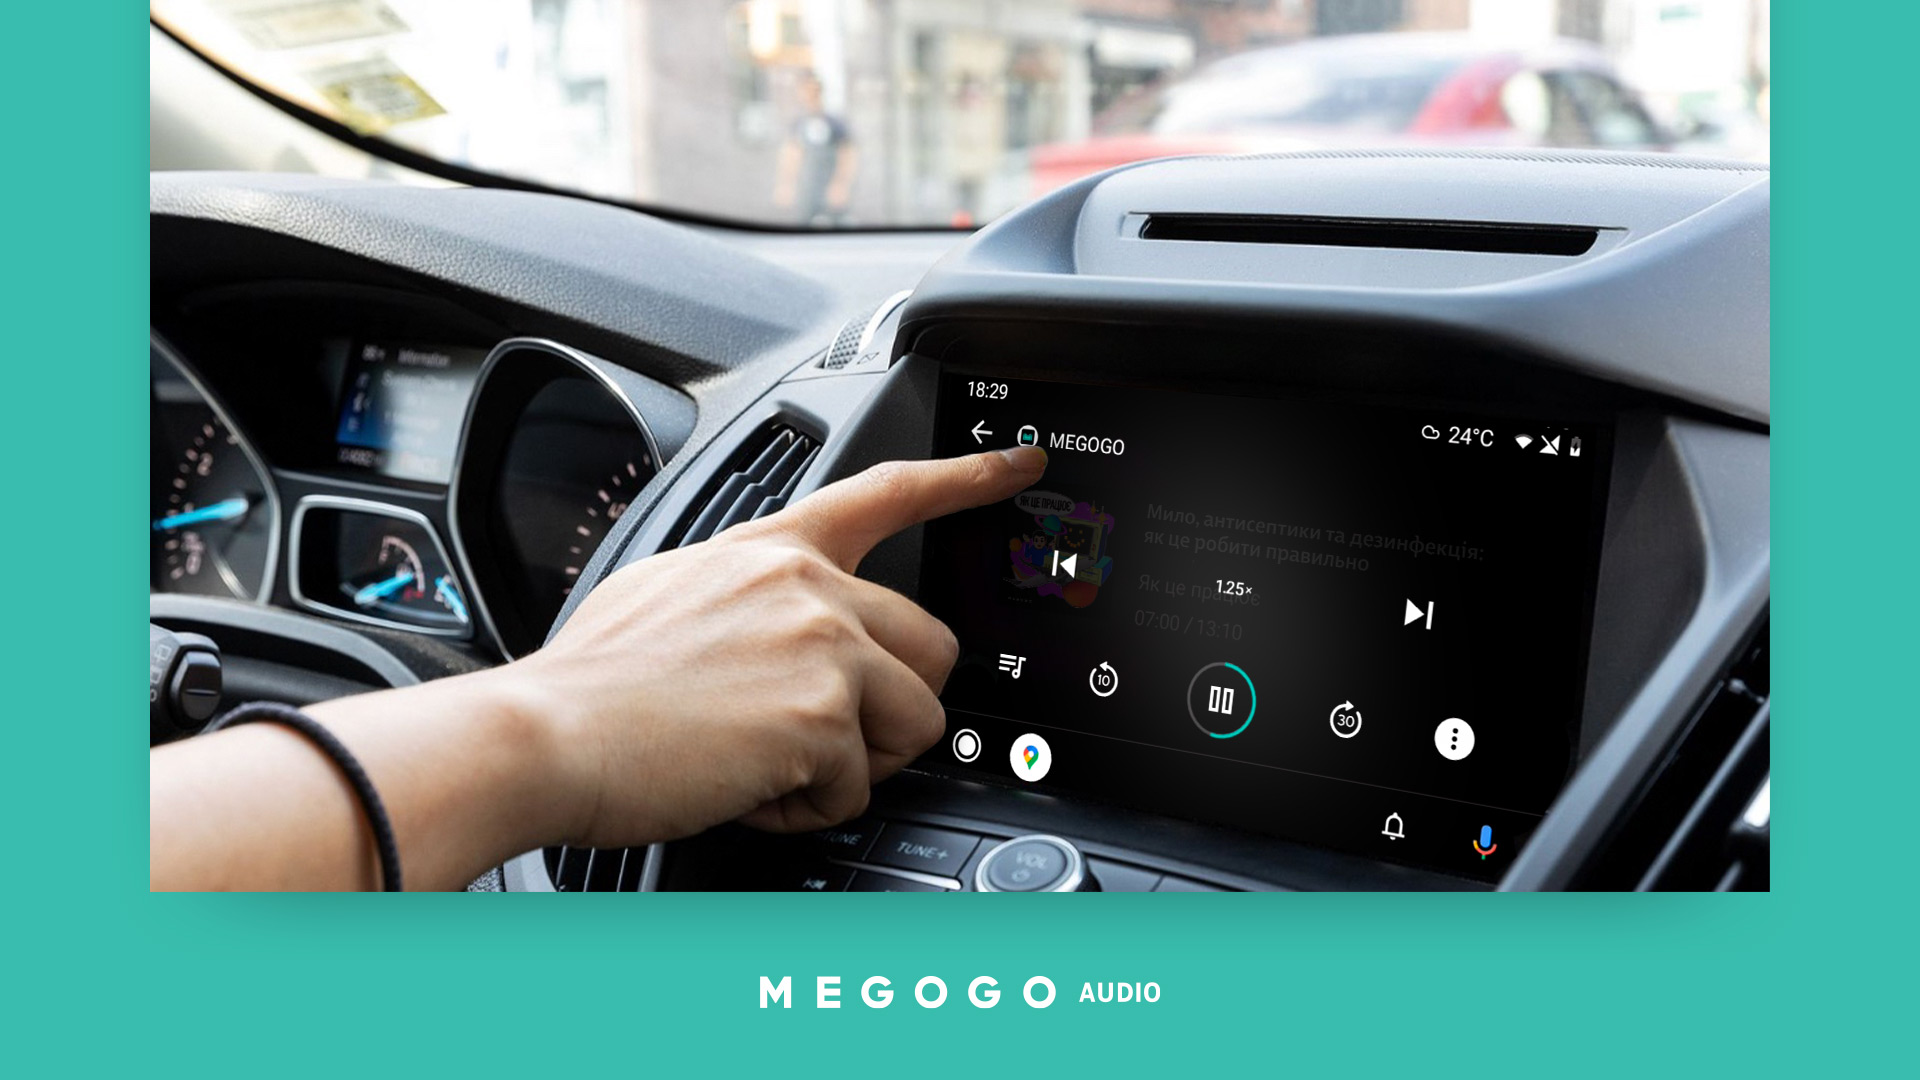 MEGOGO Audio erscheint auf Android Auto